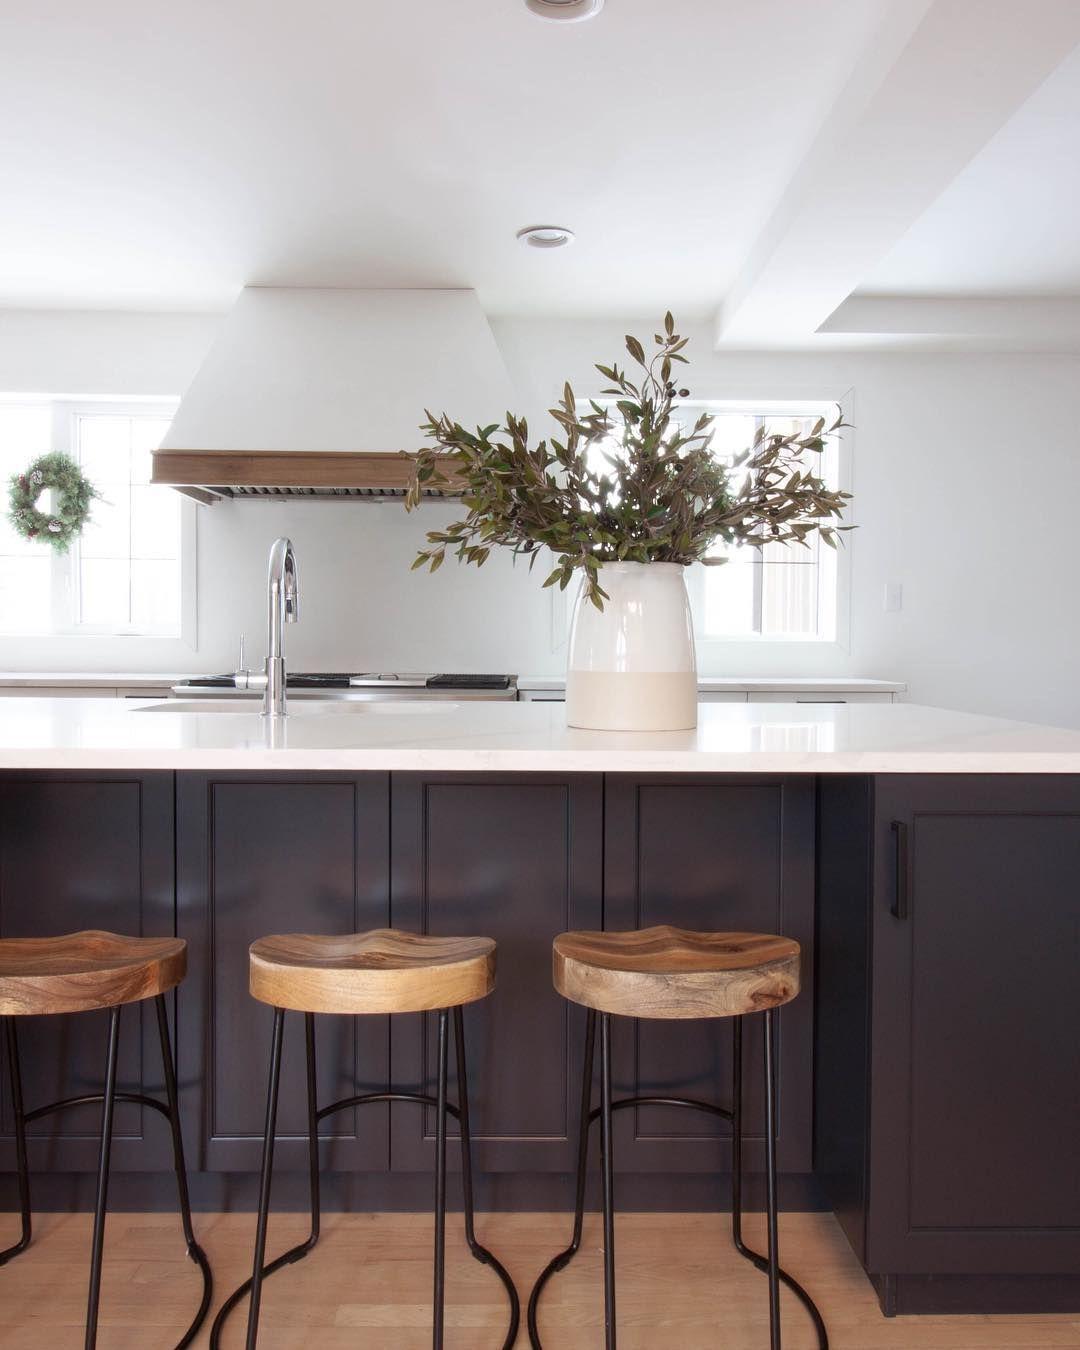 White Kitchen Contrasting Dark Island Blue Island Black Island Black Hardware Floating Shelve White Kitchen Decor White Kitchen White Kitchen Cabinets Diy